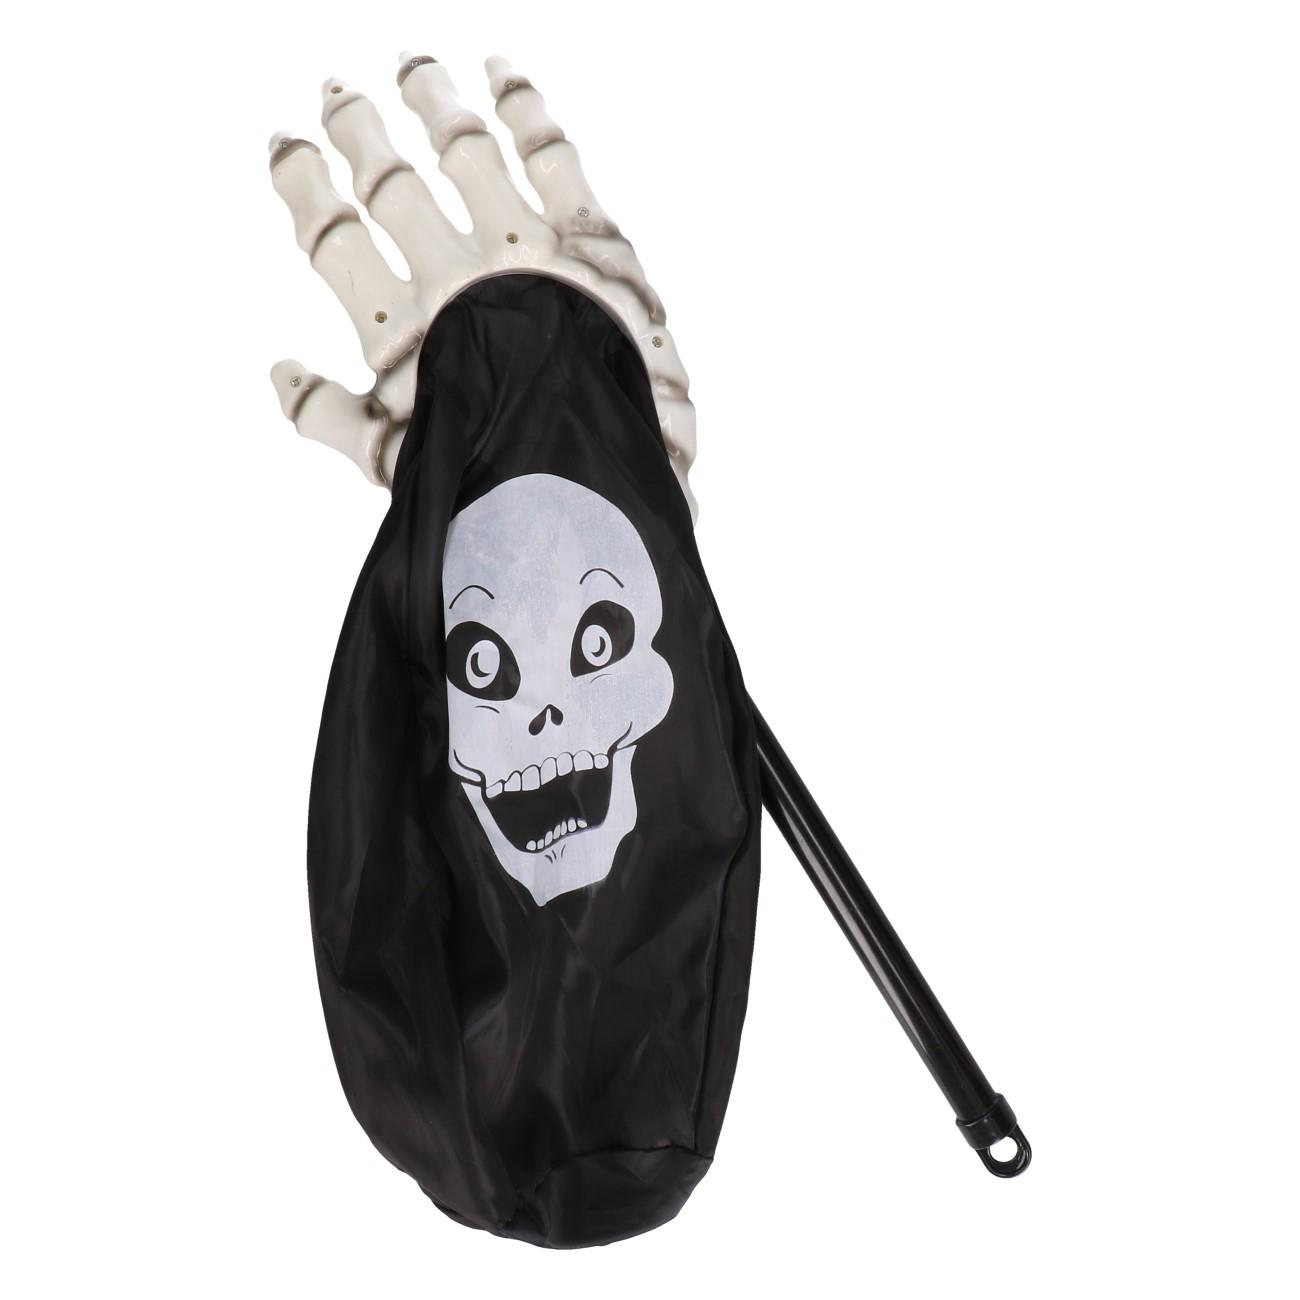 Trick or treat handje skelet